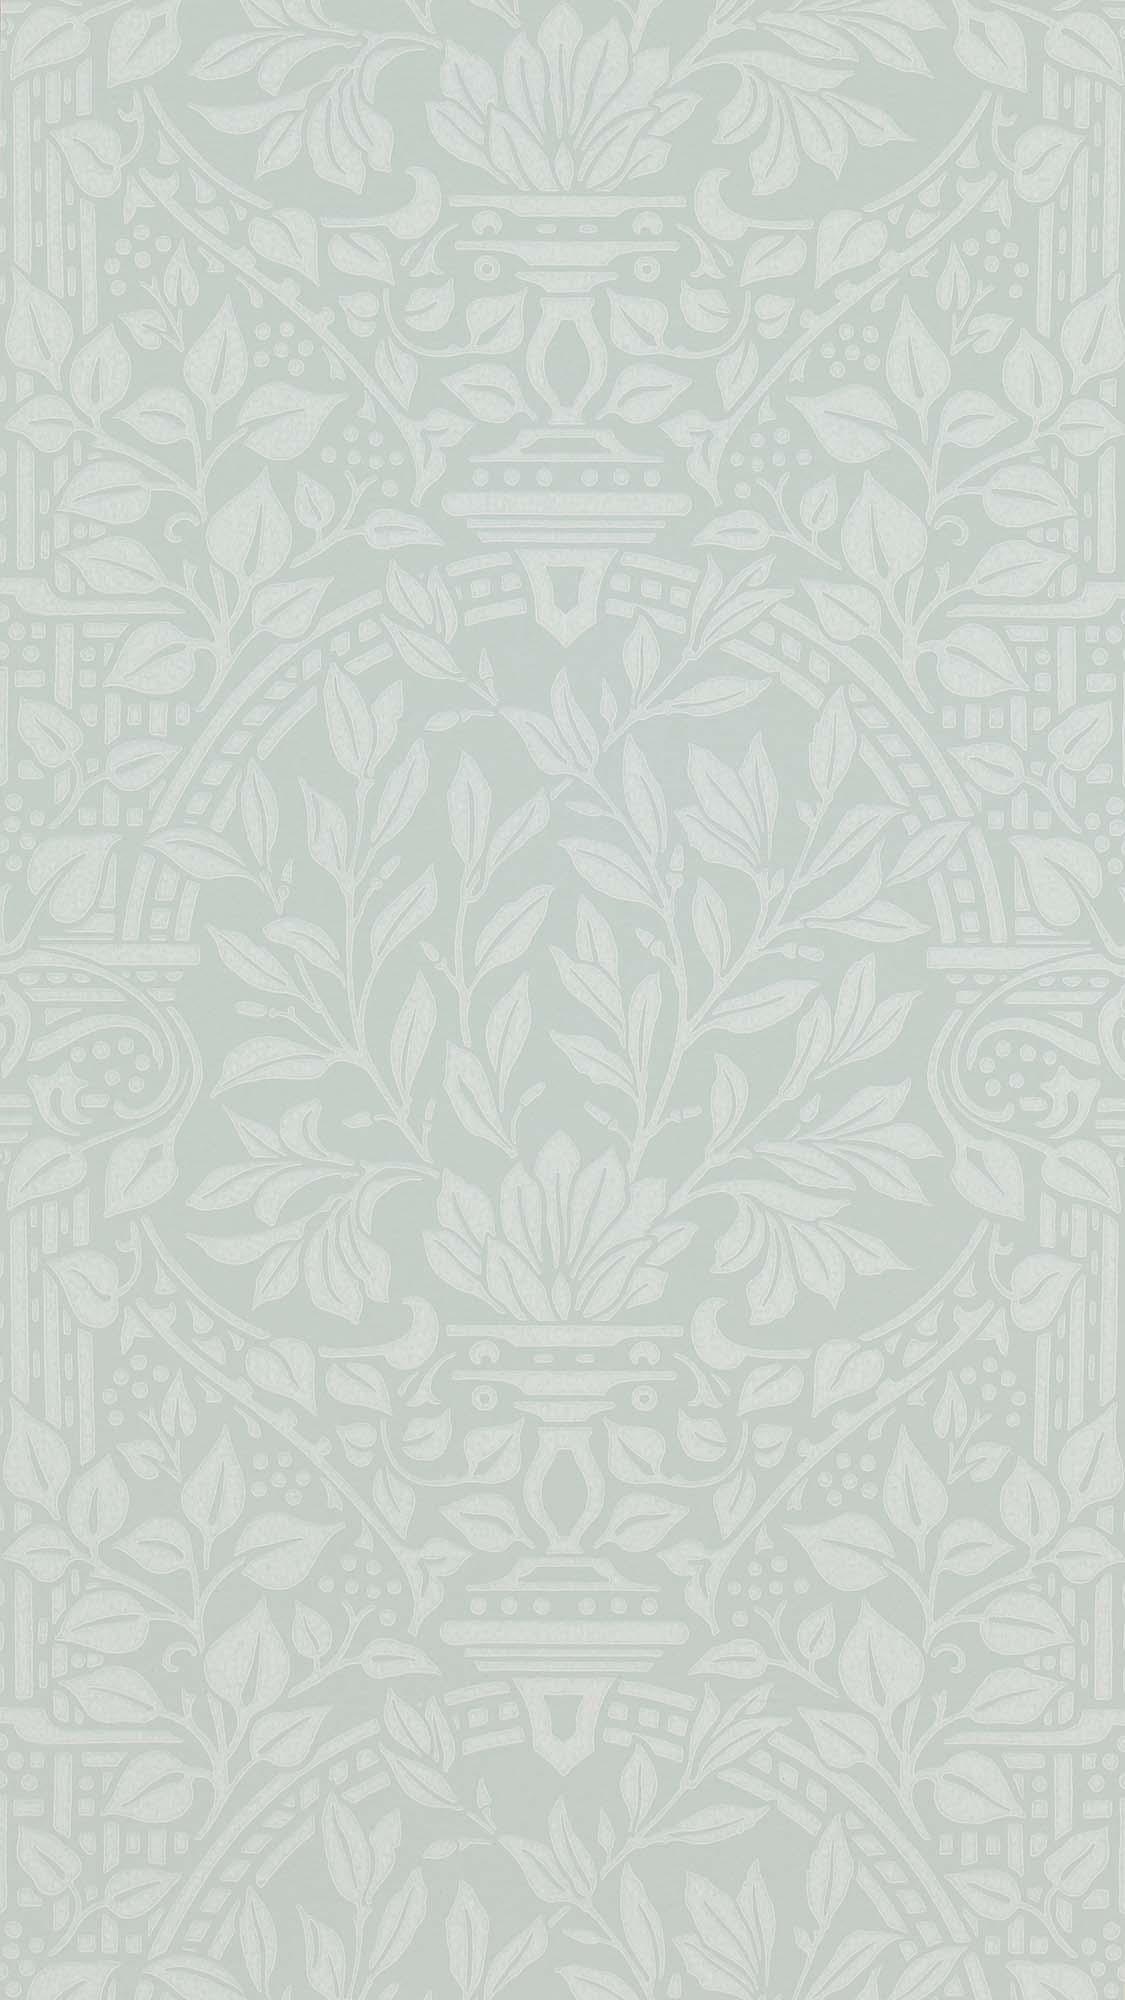 ウィリアムモリス壁紙 Garden Craft 210358